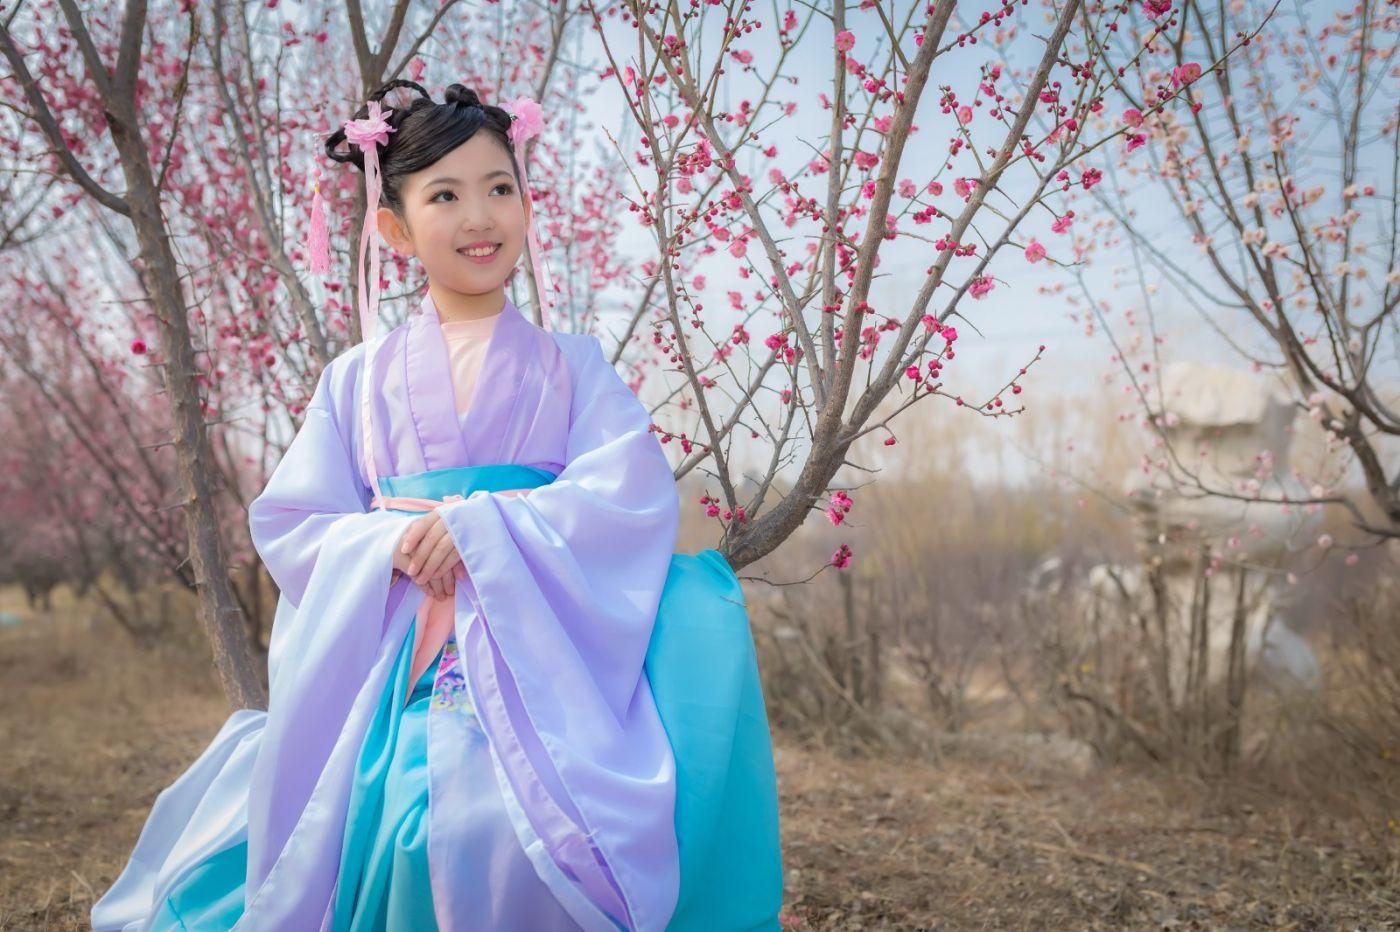 翟家小妮翟雅慧之春到梅园 花儿与少年系列 梅园尽显中国风_图1-5